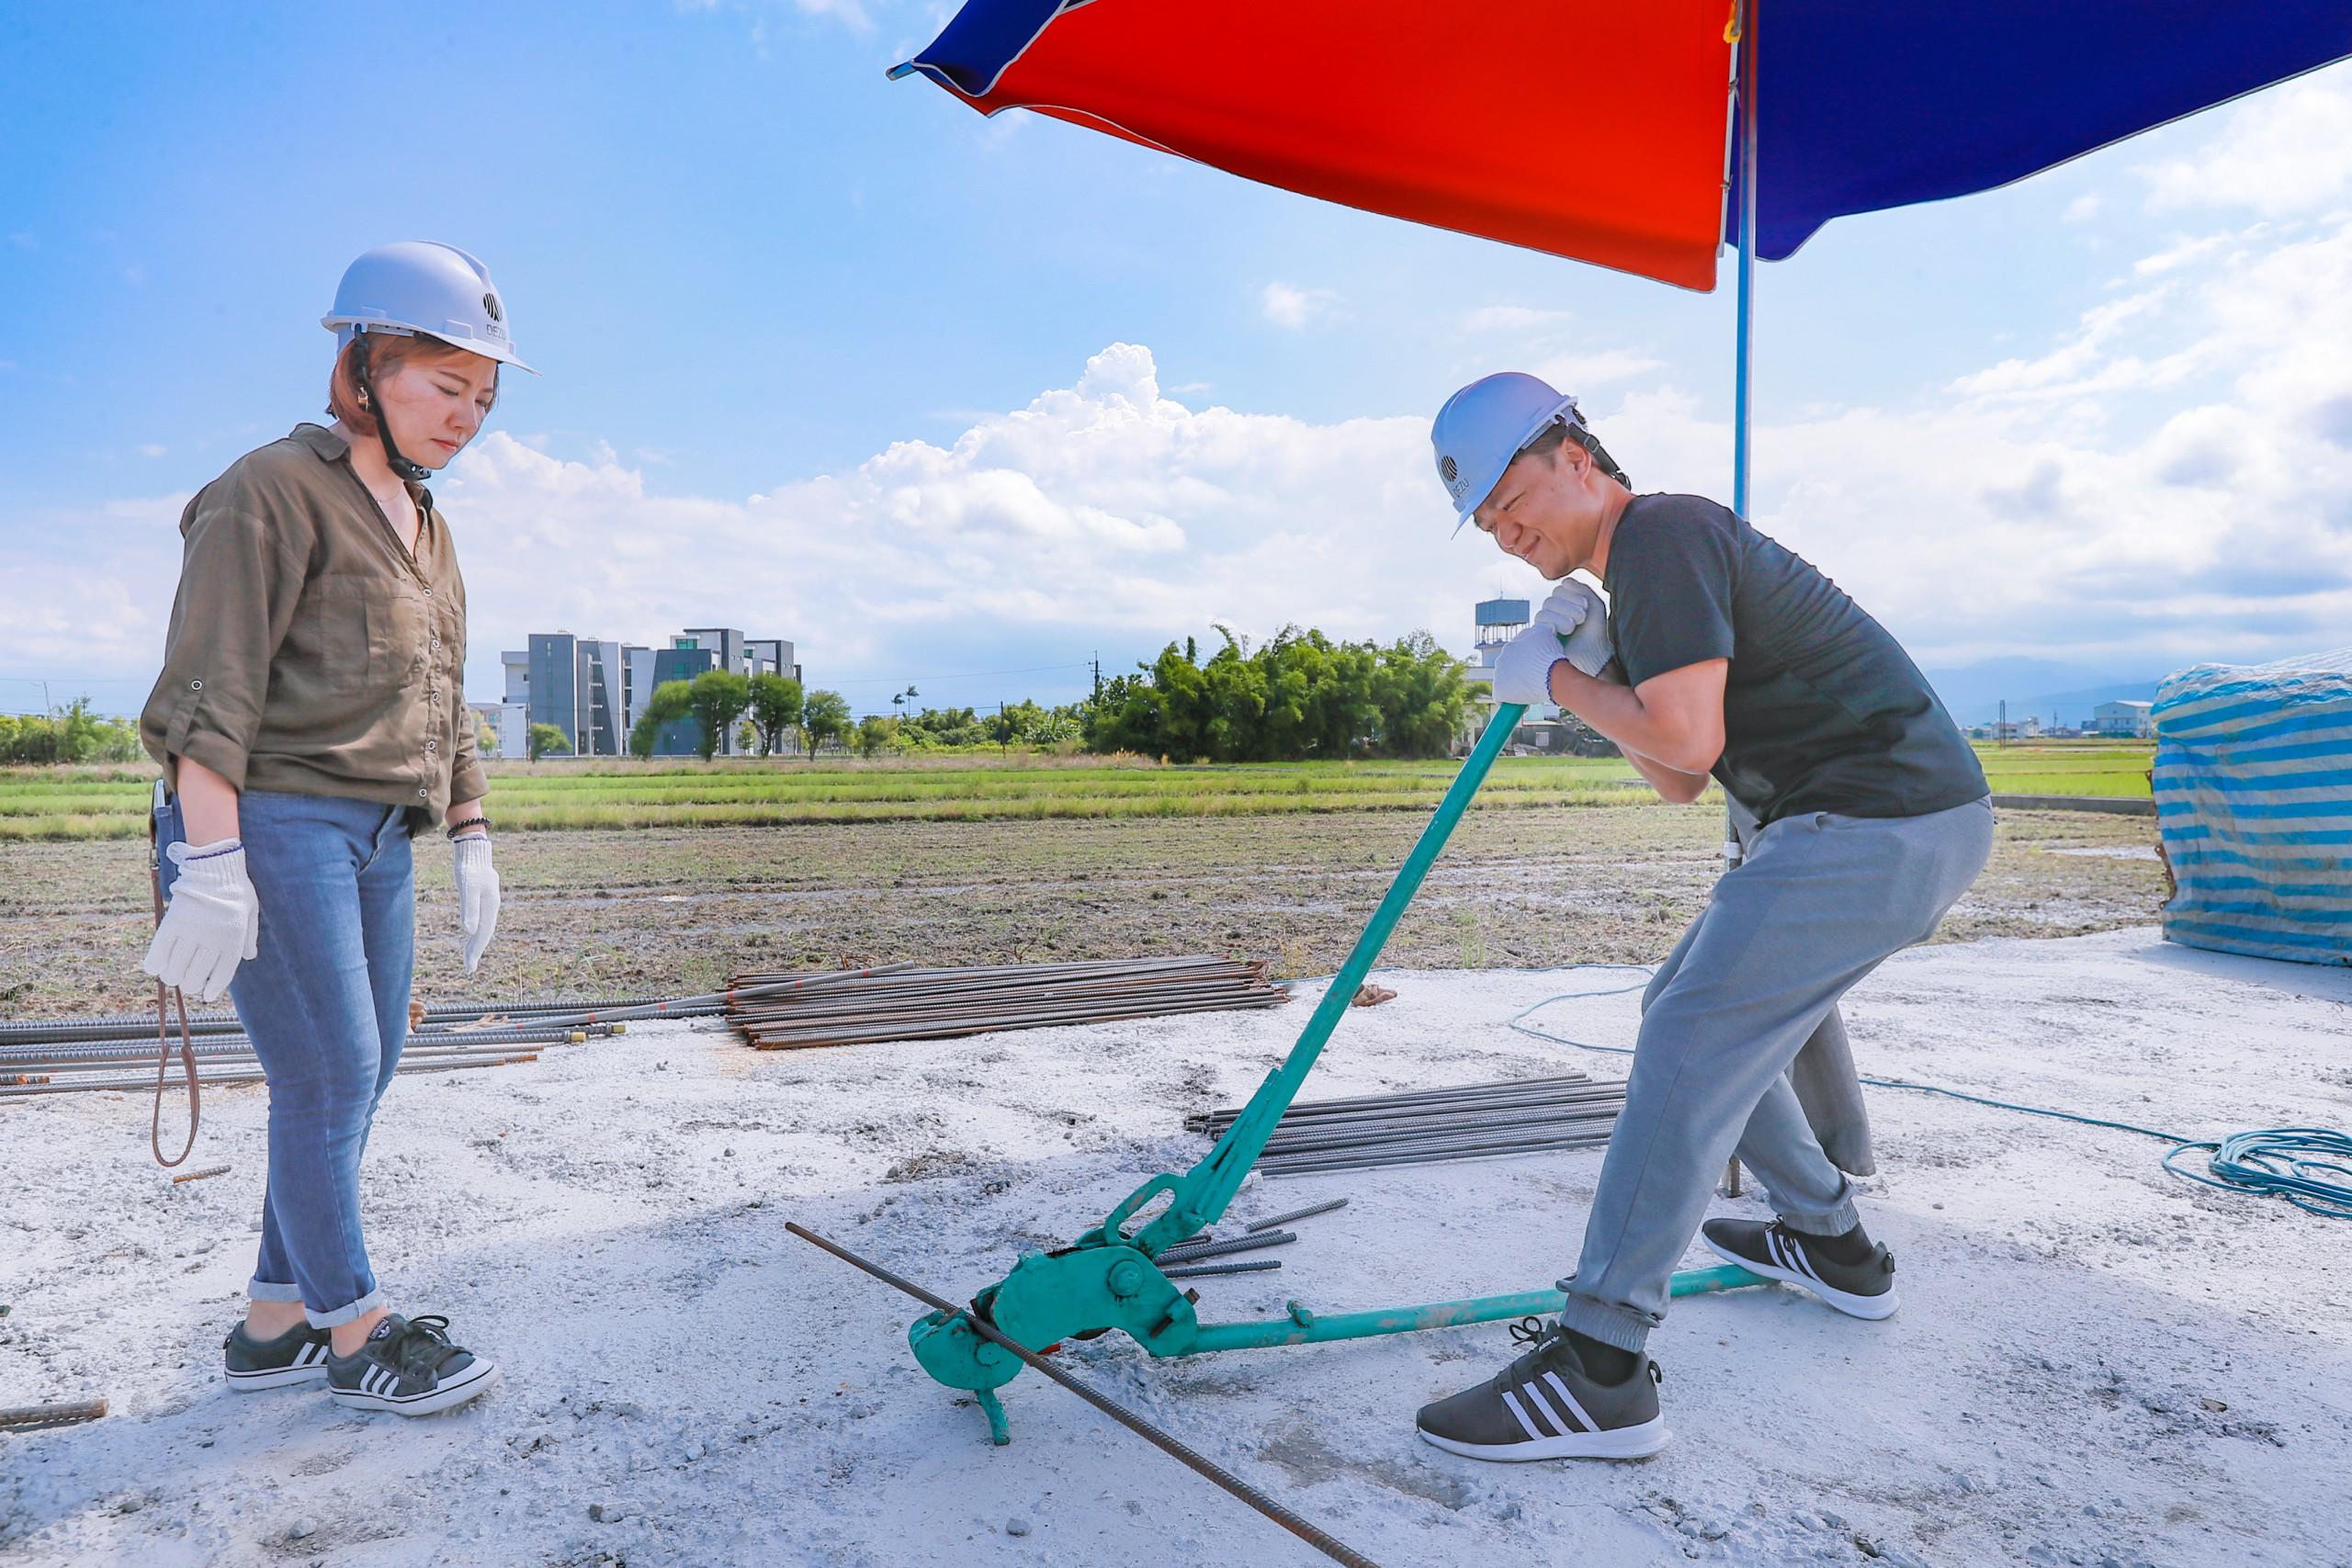 德築-DEZU-project-Zutian-architecture-activity-reinforcing-steel-4